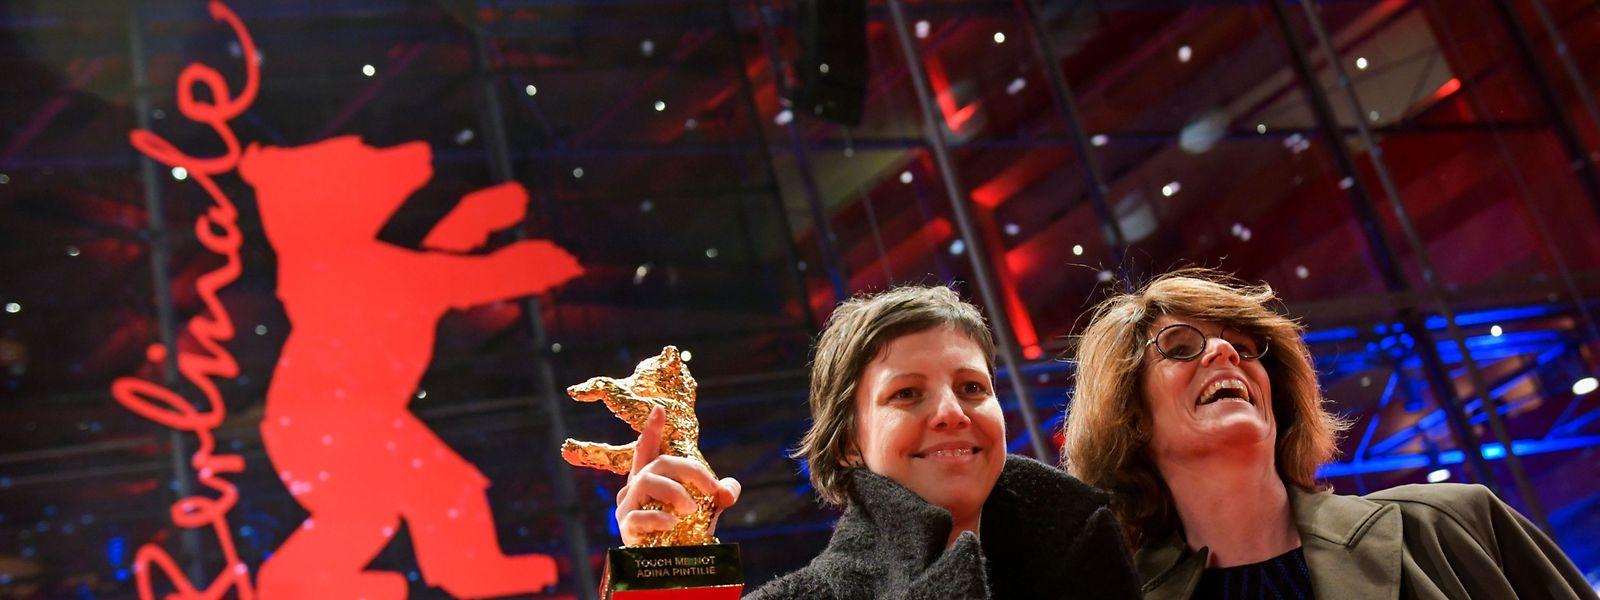 """Die rumänische Regisseurin Adina Pintilie (l.) und die britische Darstellerin Laura Benson. Ihr Film """"Touch Me Not"""" bekam den Goldenen Bären der Berlinale 2018."""